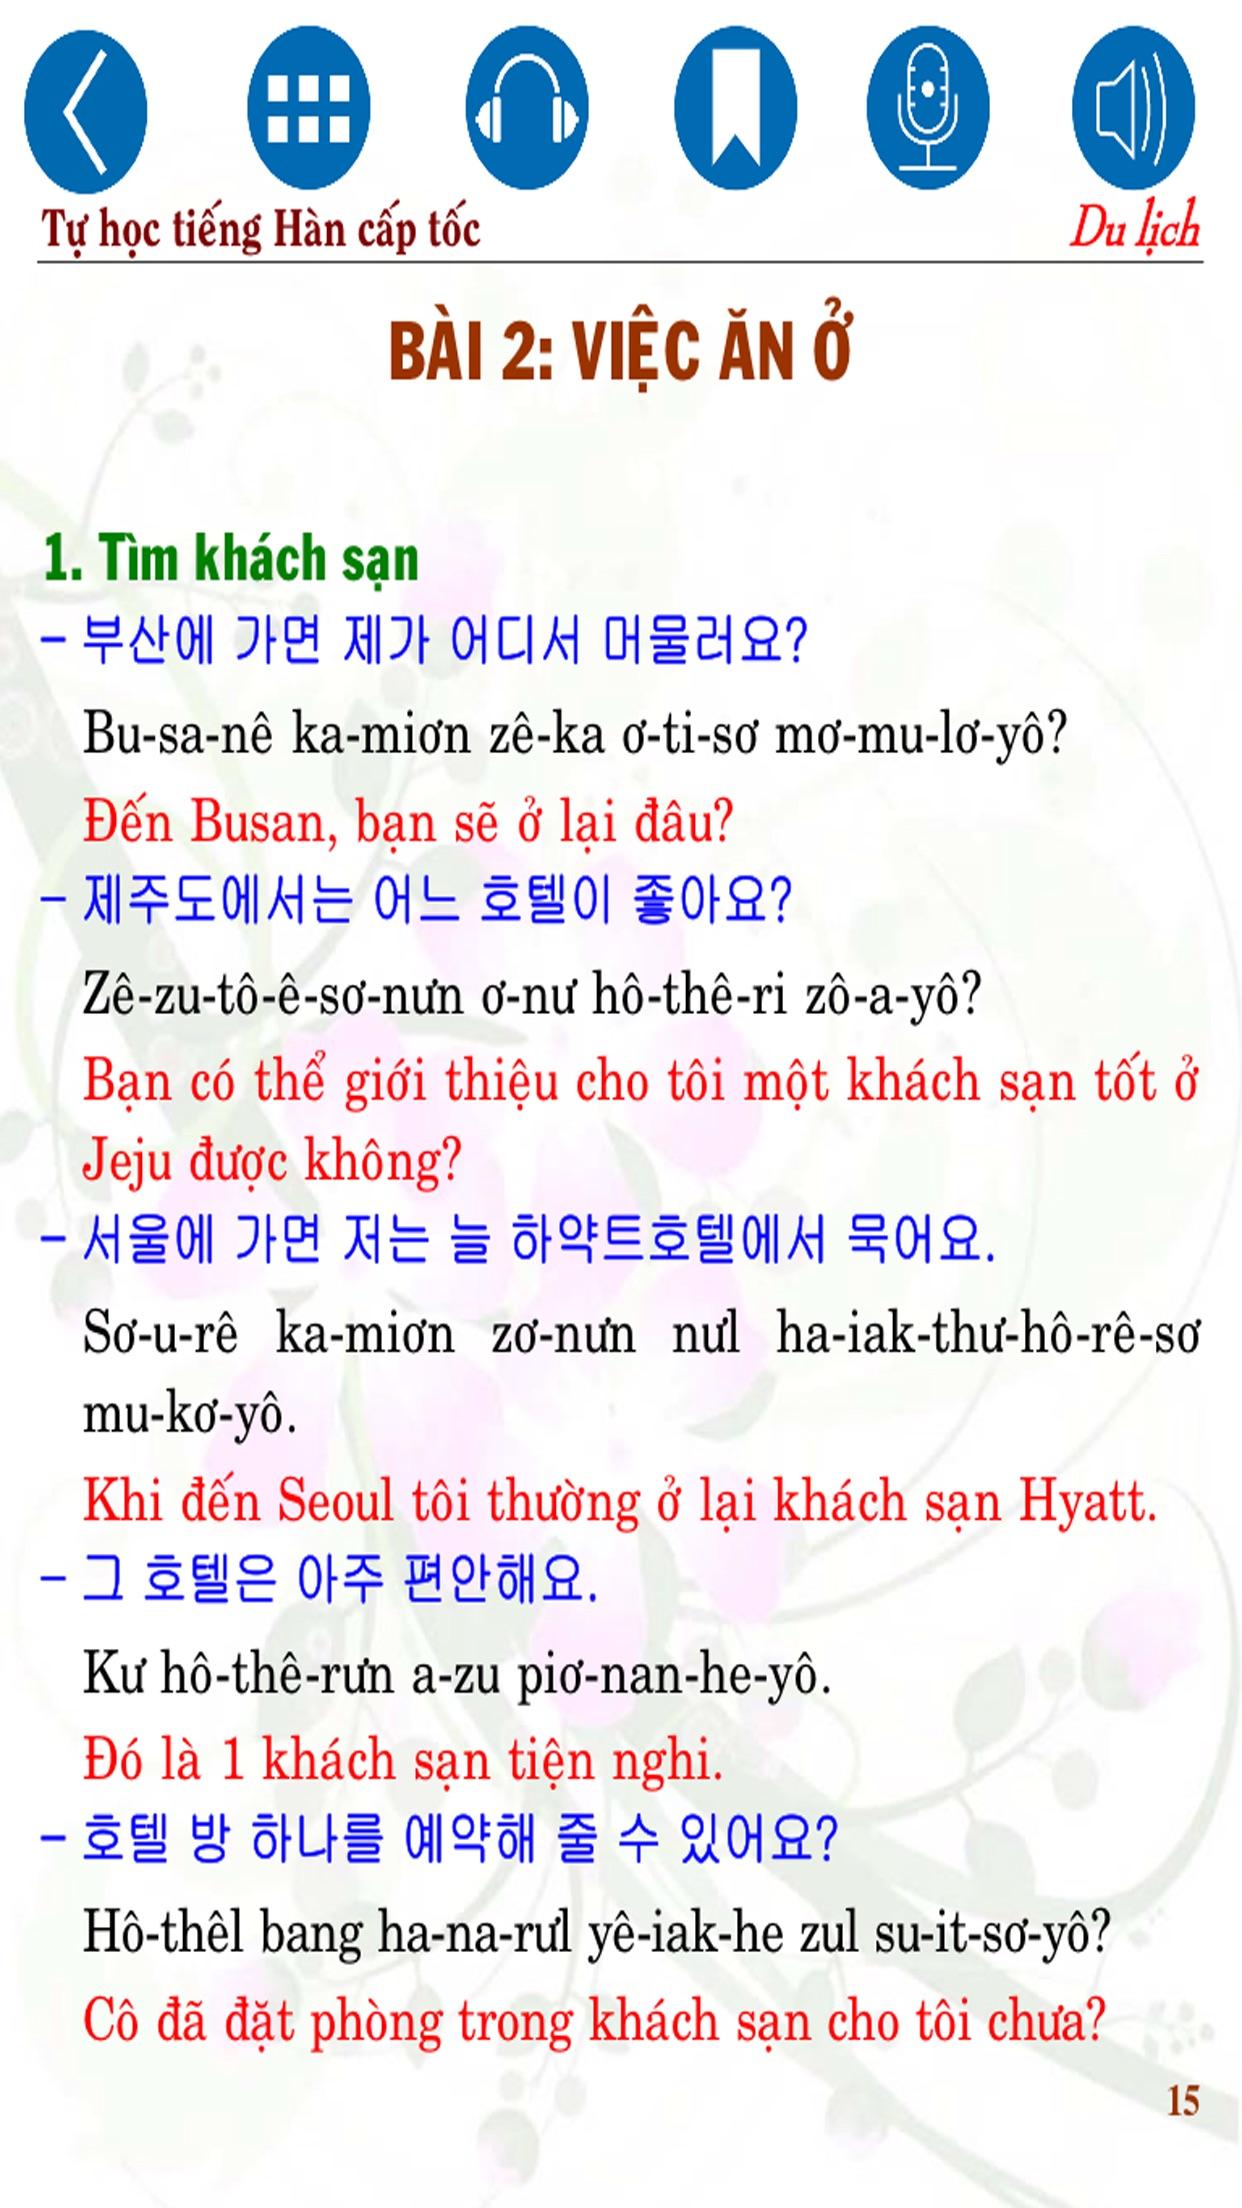 Tự học tiếng Hàn cấp tốc – Du lịch Hàn Quốc Screenshot